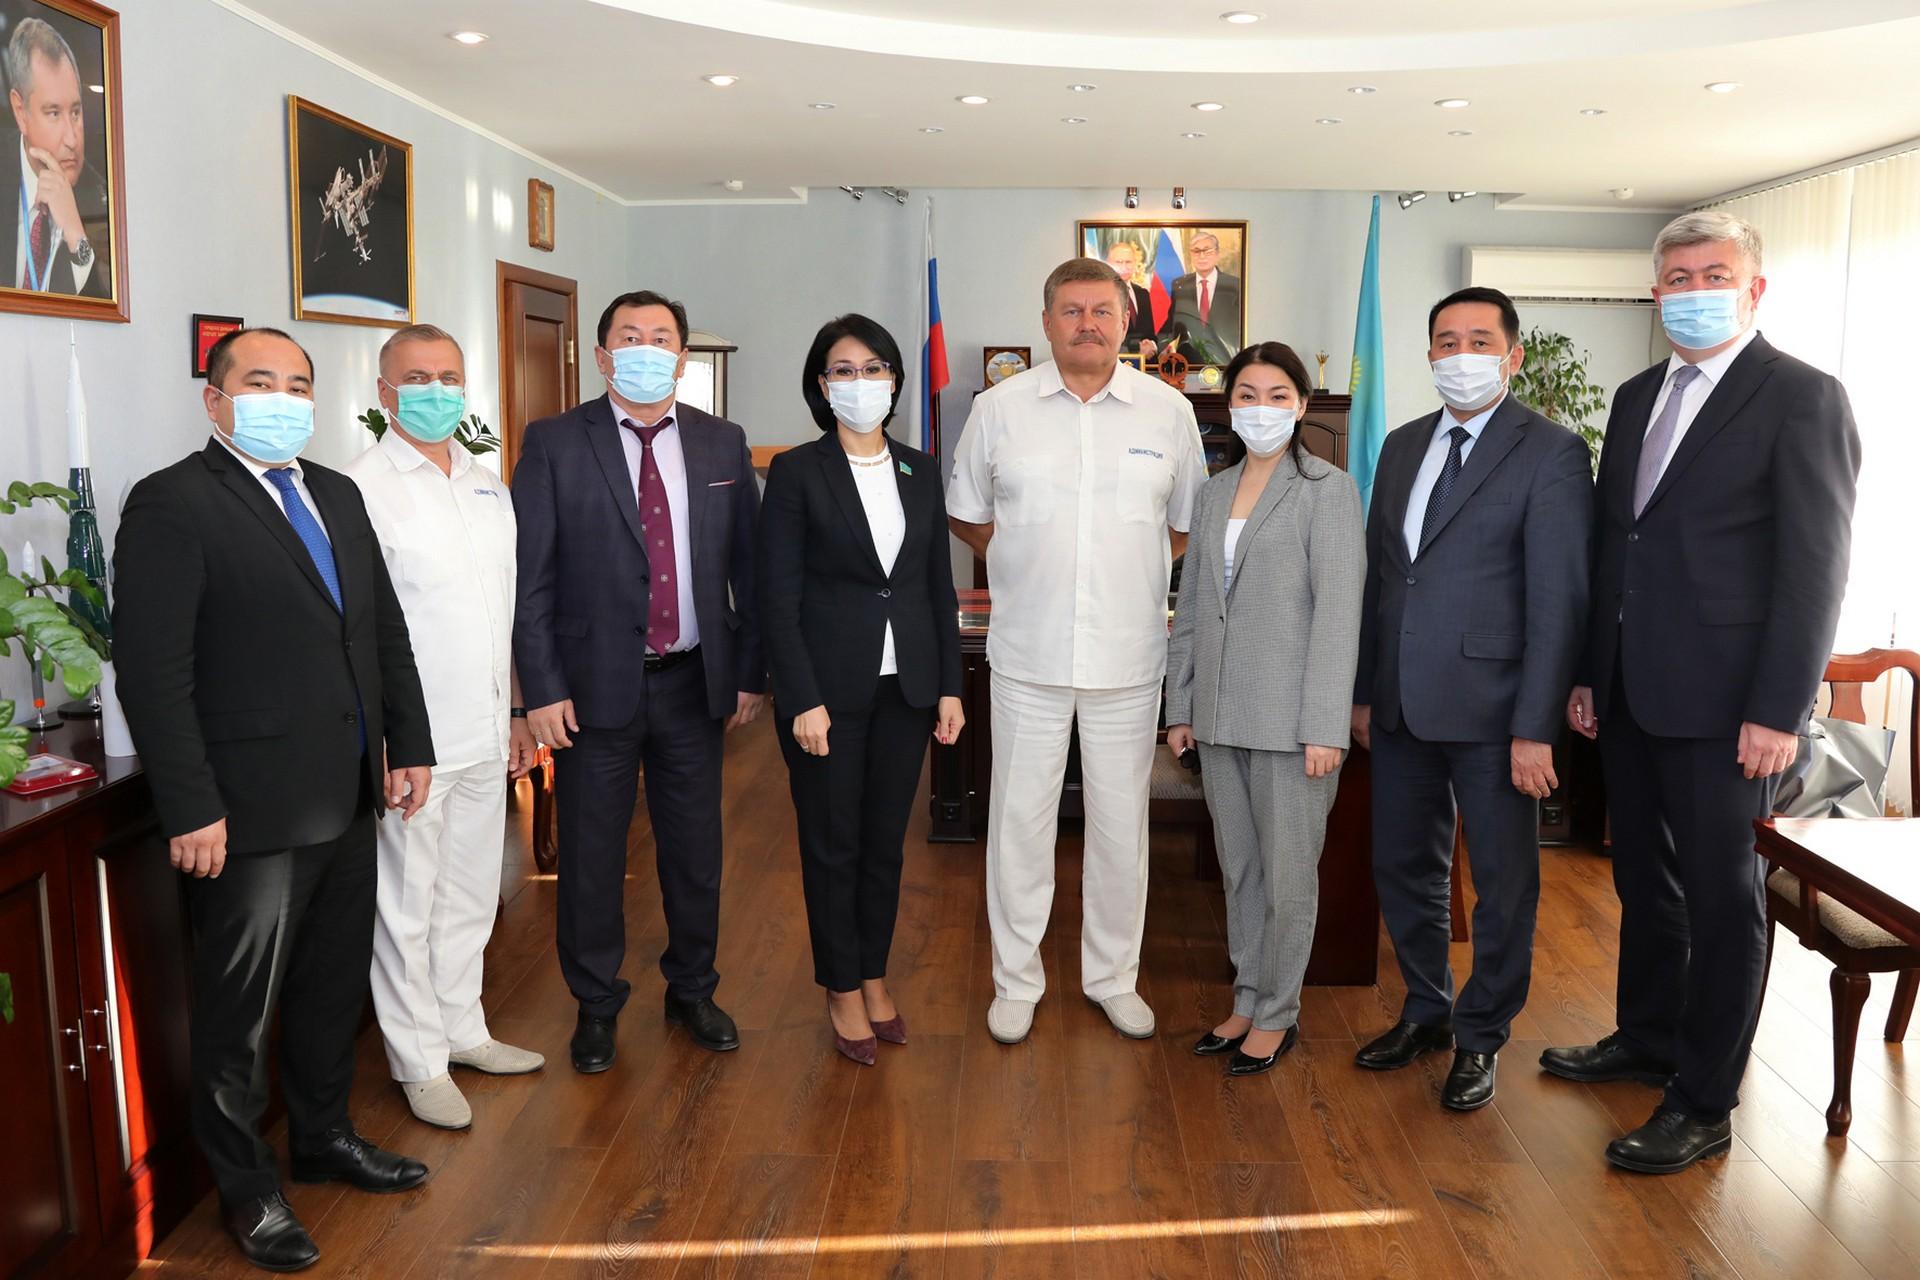 Состоялась рабочая встреча главы города Байконура с делегацией Республики Казахстан